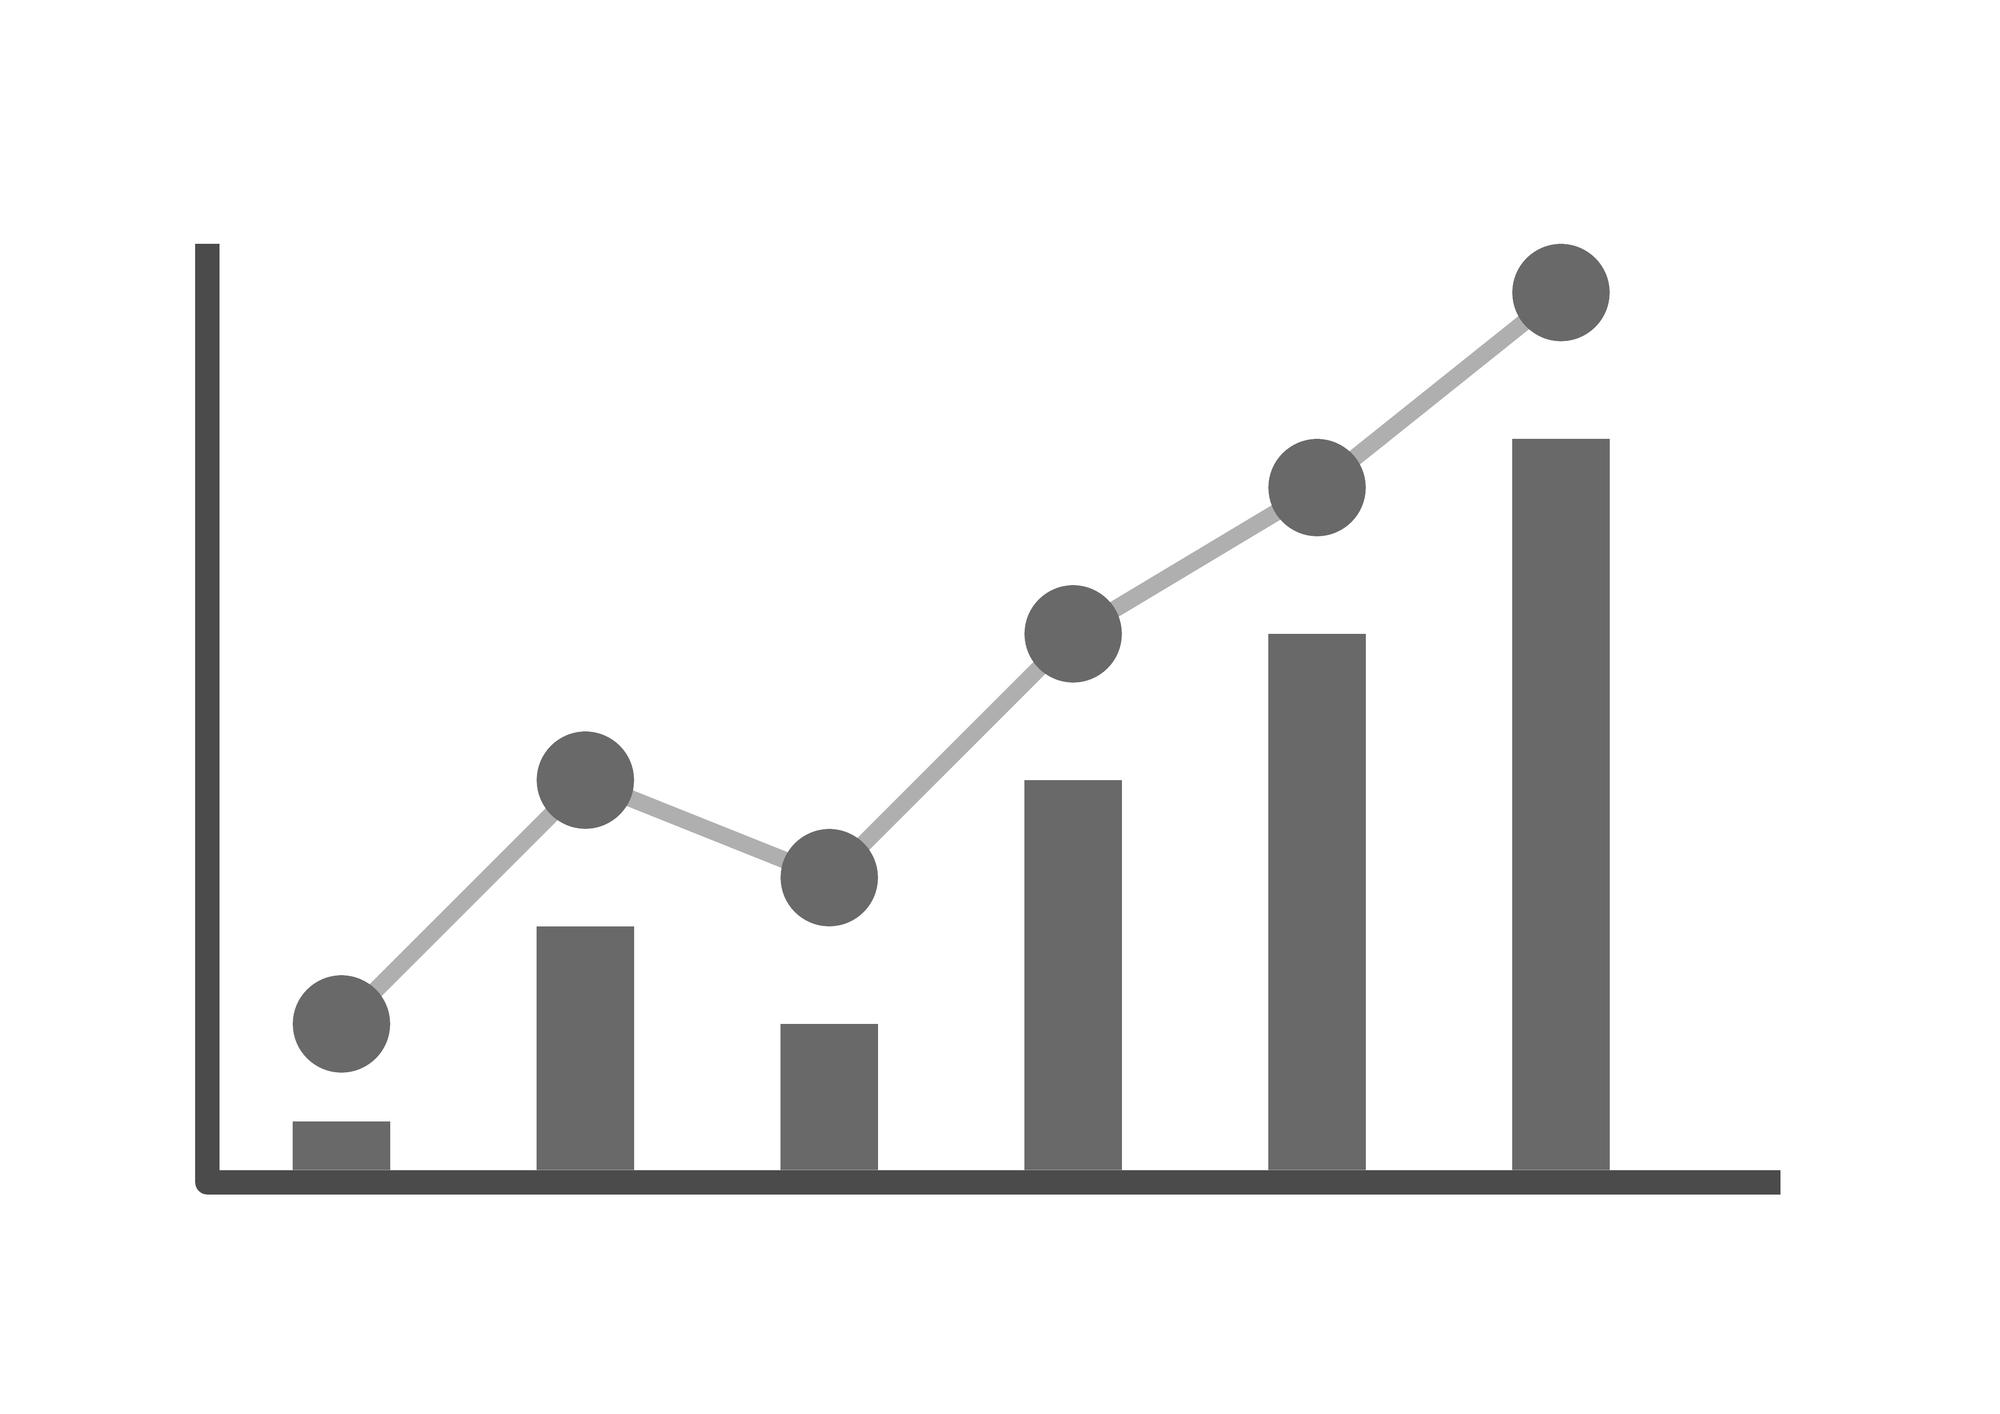 最も基本的なホームページの新規集客の改善方法 現状が0件〜10件未満向け